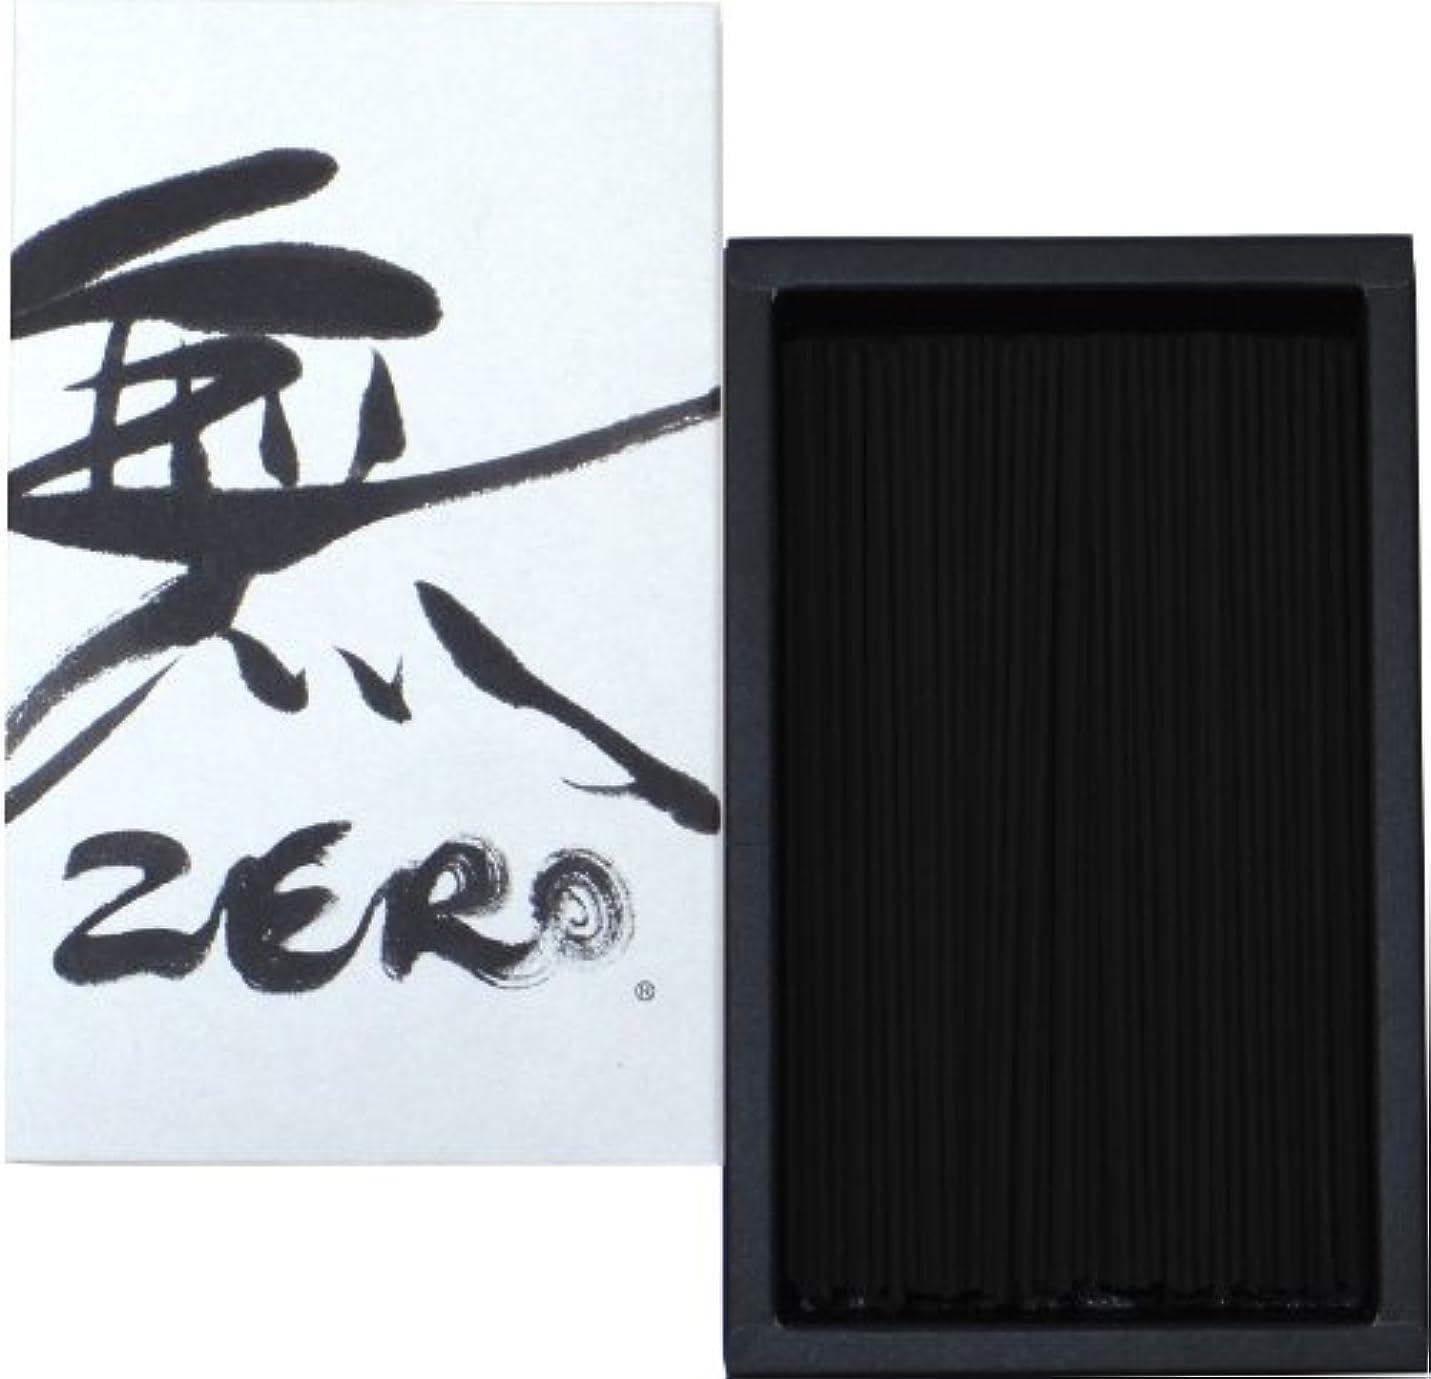 うまれた雄大な些細な丸叶むらたのお線香 無 ZERO(ゼロ)大バラ 約160g #ZR-01